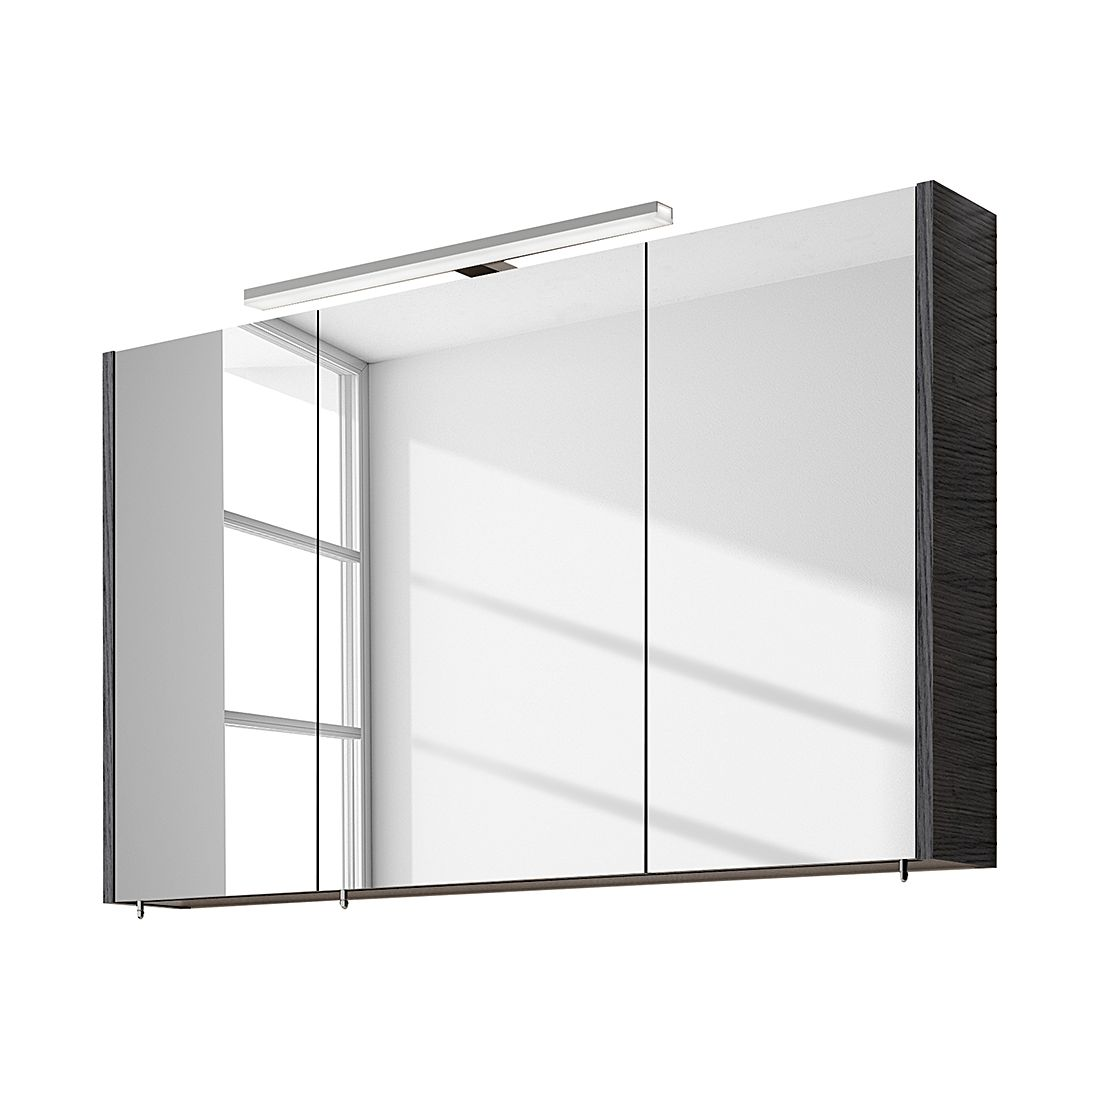 Spiegelschrank Rondino – Pinie-Anthrazit, 100 cm, Aqua Suite bestellen